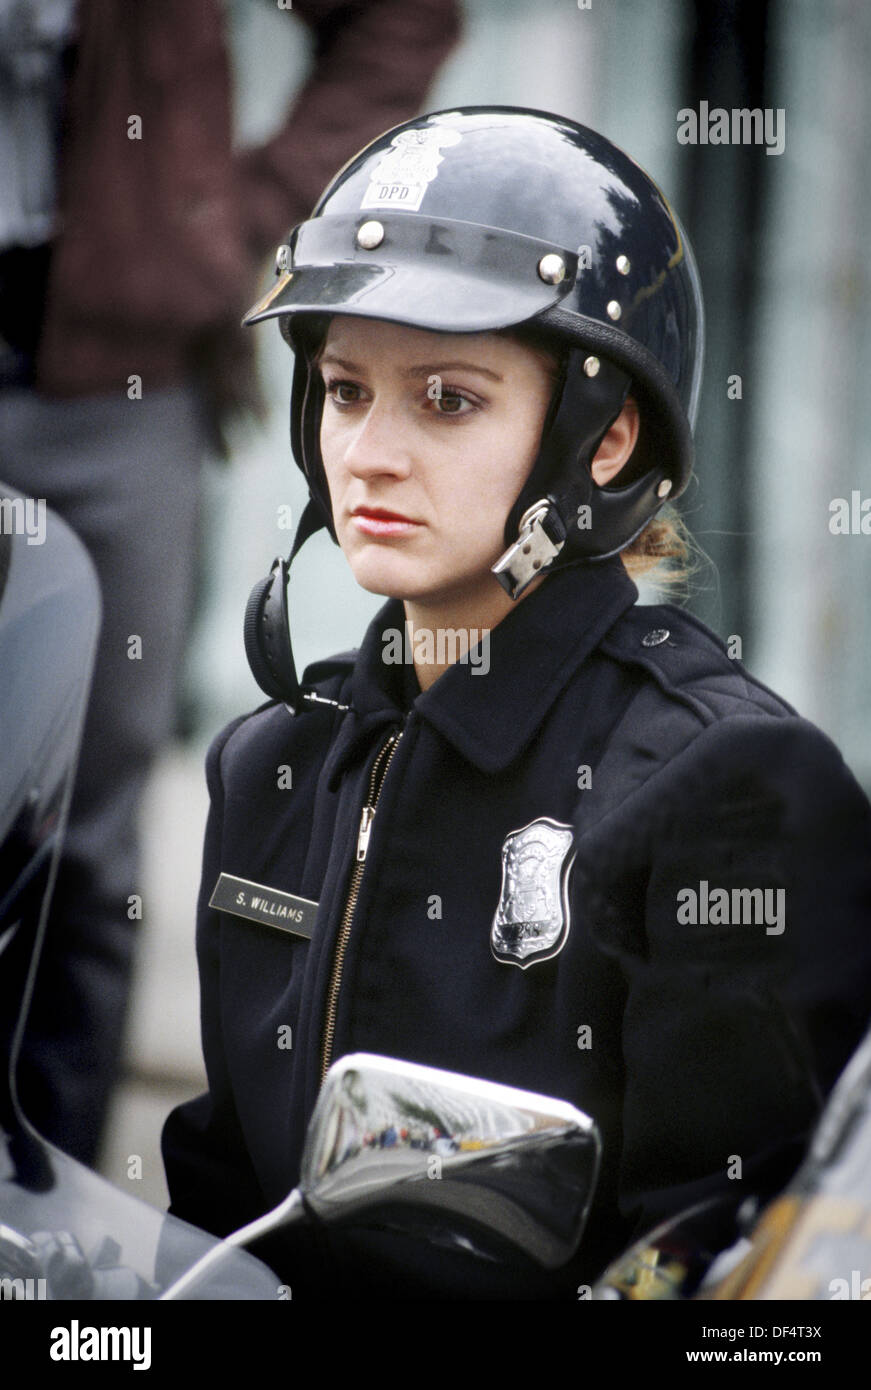 Homemade usa female police officer fucks her black nerd bf 6